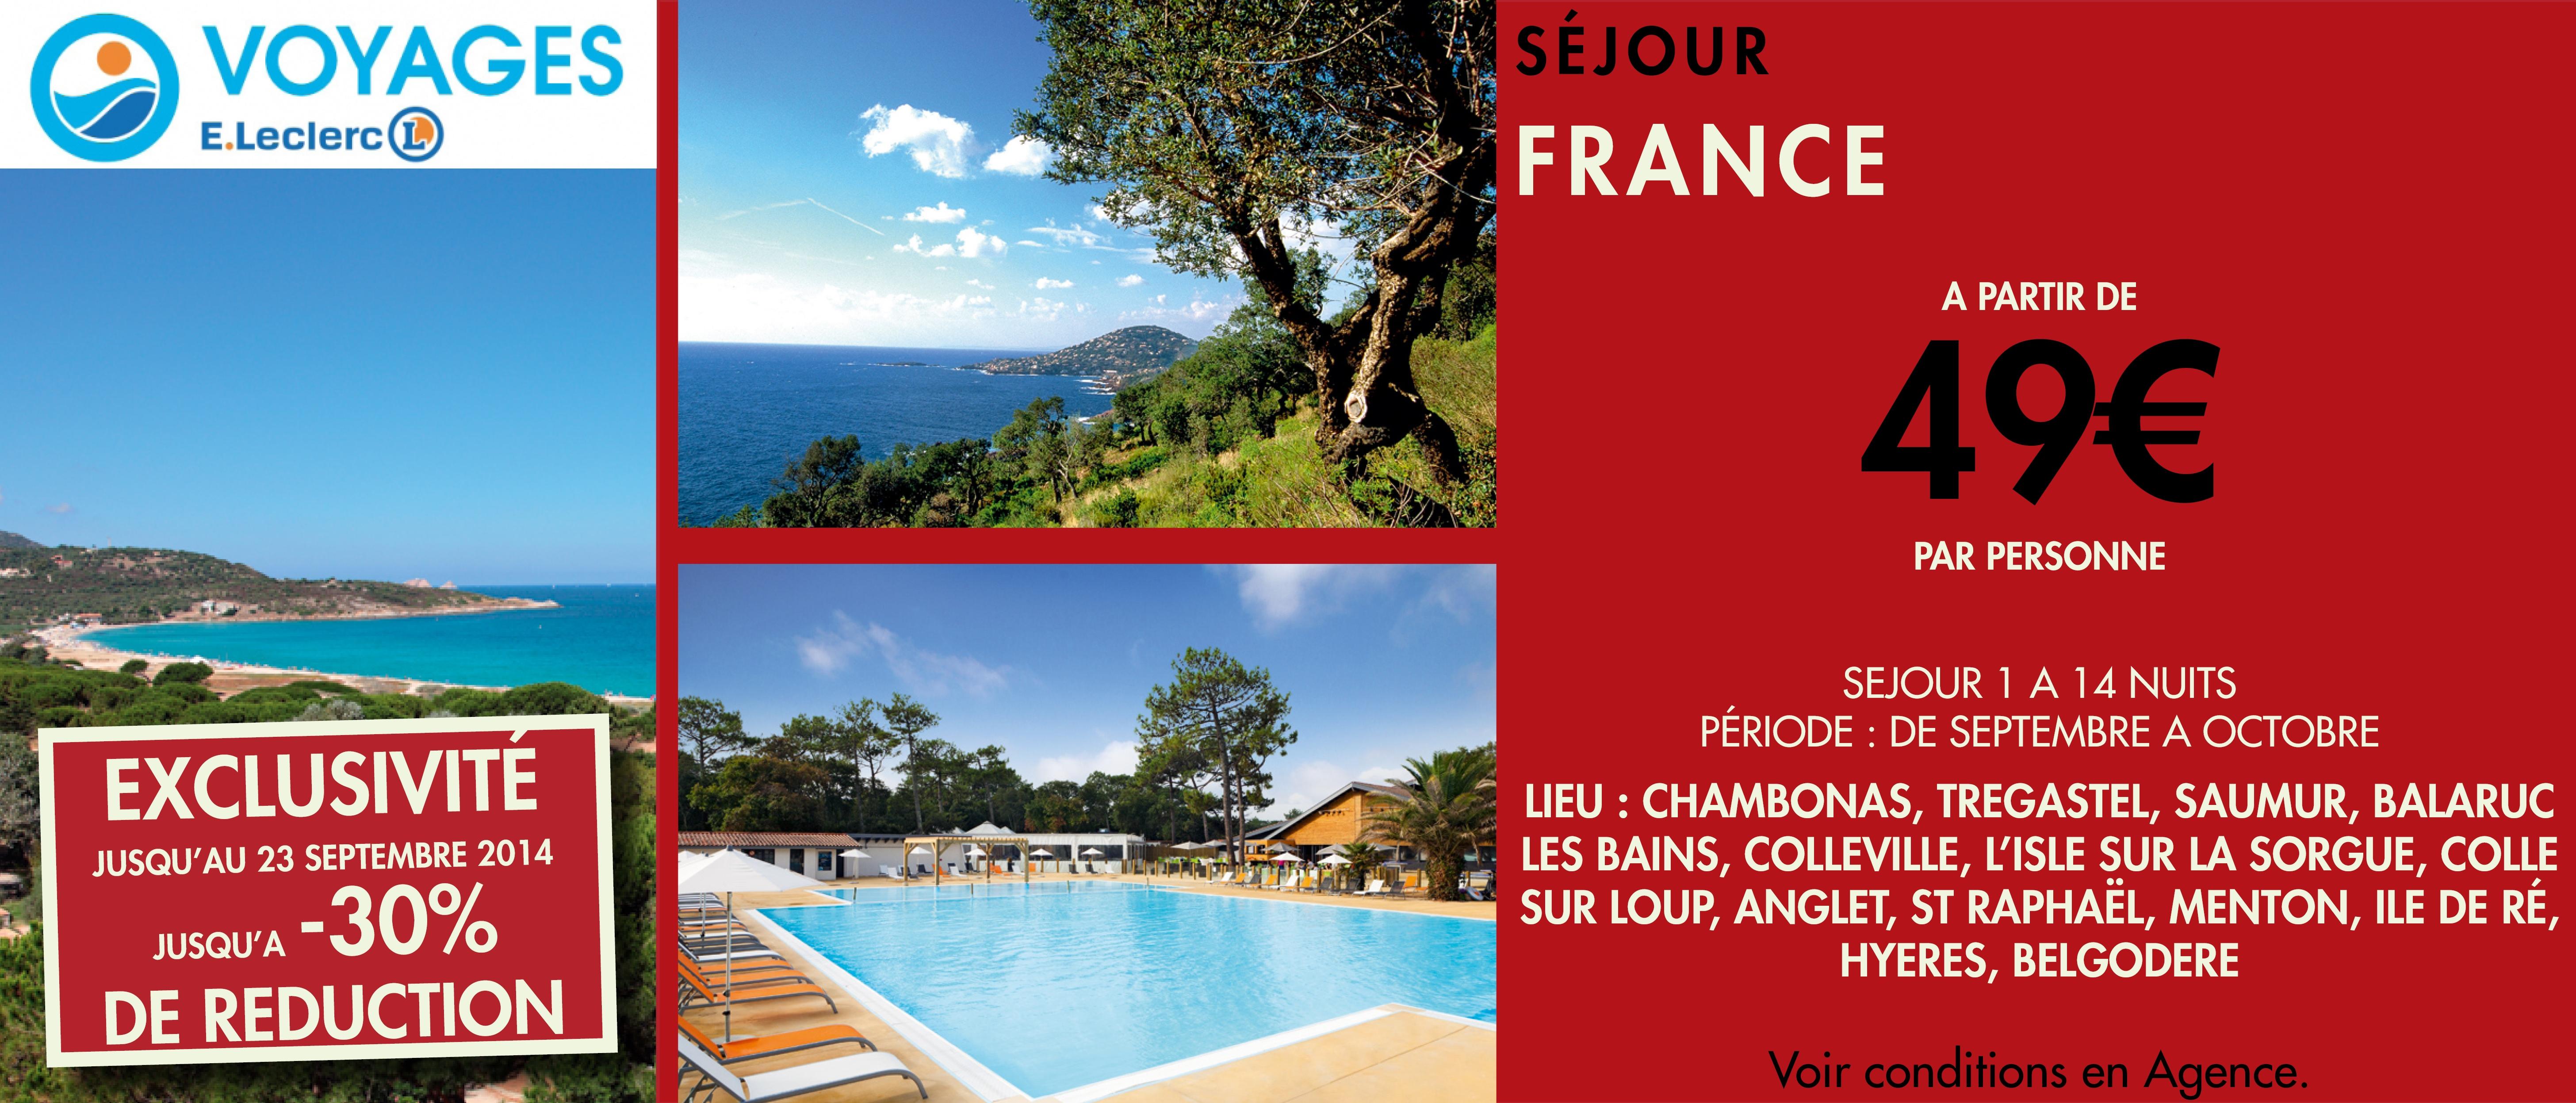 Brochure voyage les coteaux centre commercial leclerc for Leclerc brochure